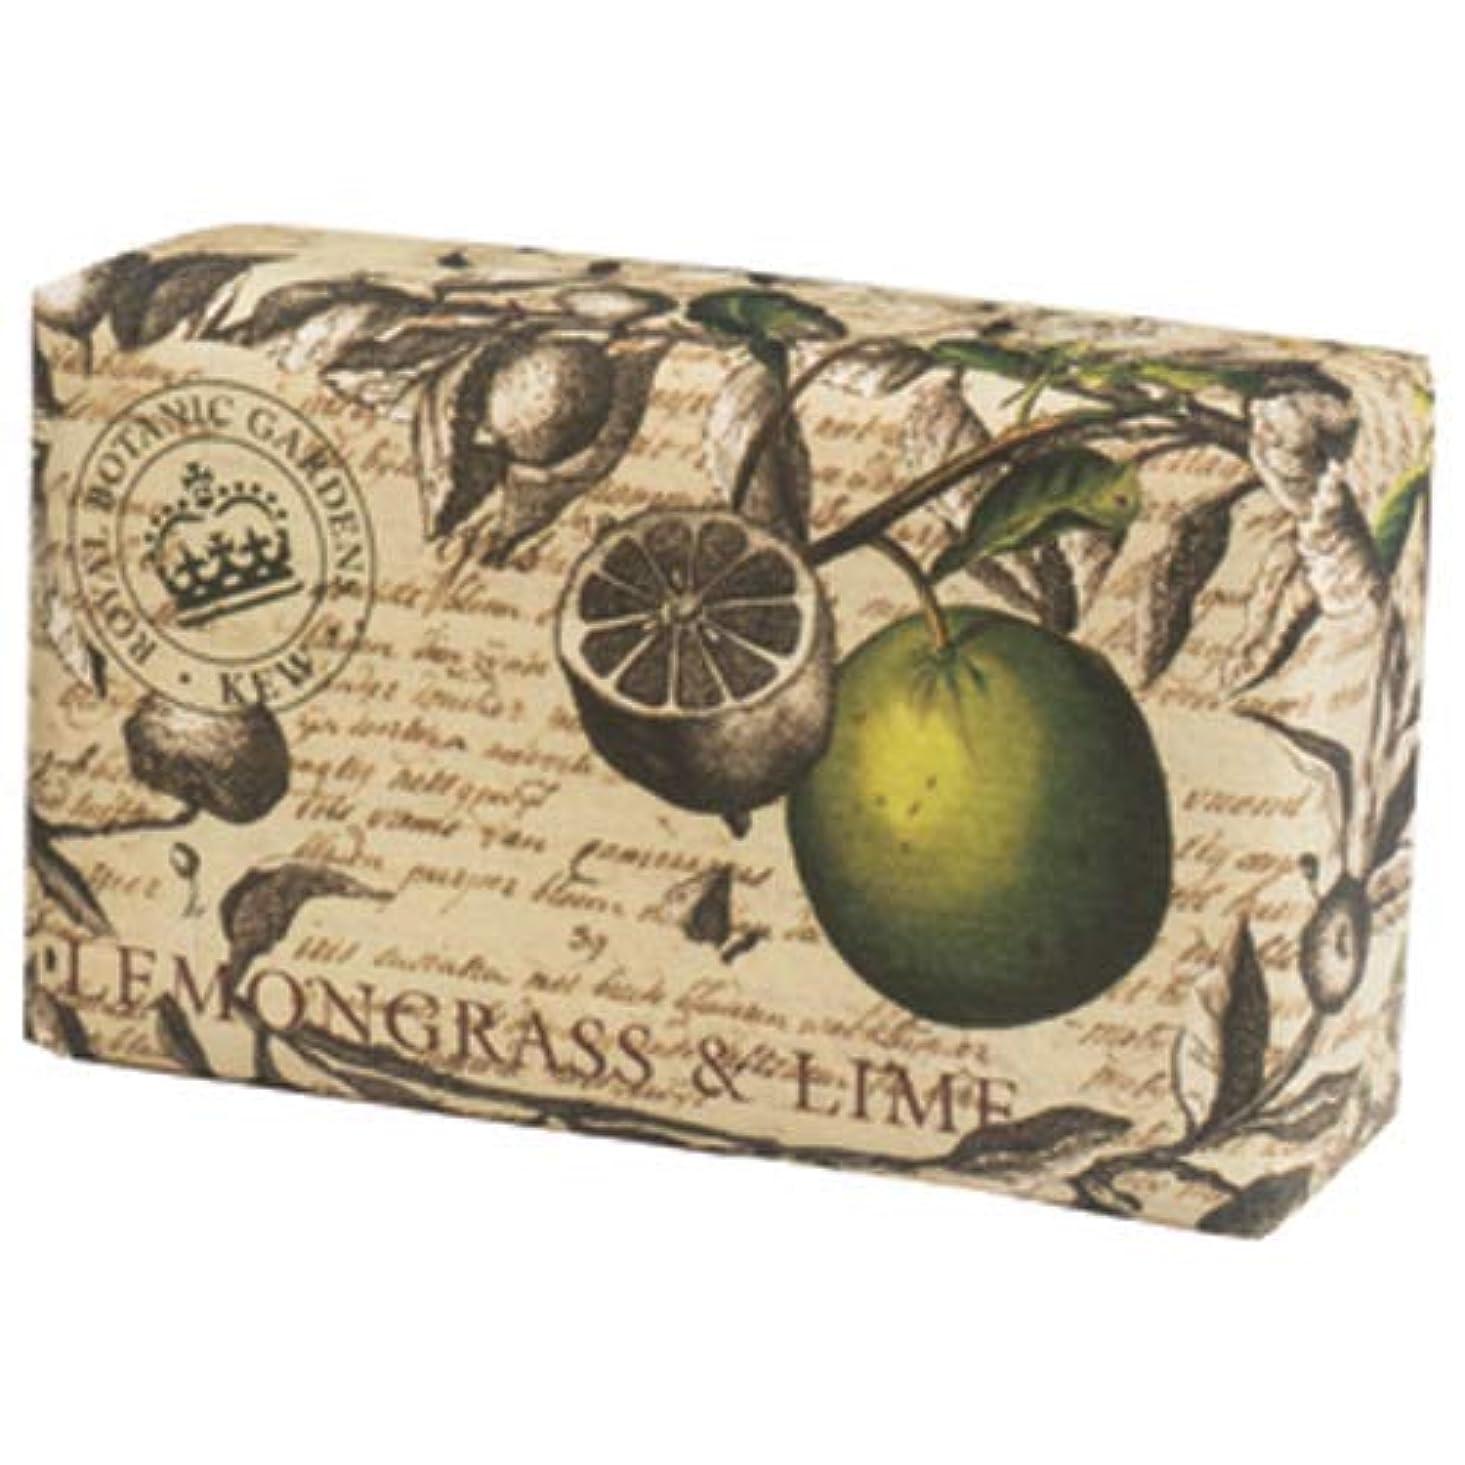 English Soap Company イングリッシュソープカンパニー KEW GARDEN キュー?ガーデン Luxury Scrub Soaps スクラブソープ Lemongrass & Lime レモングラス&ライム